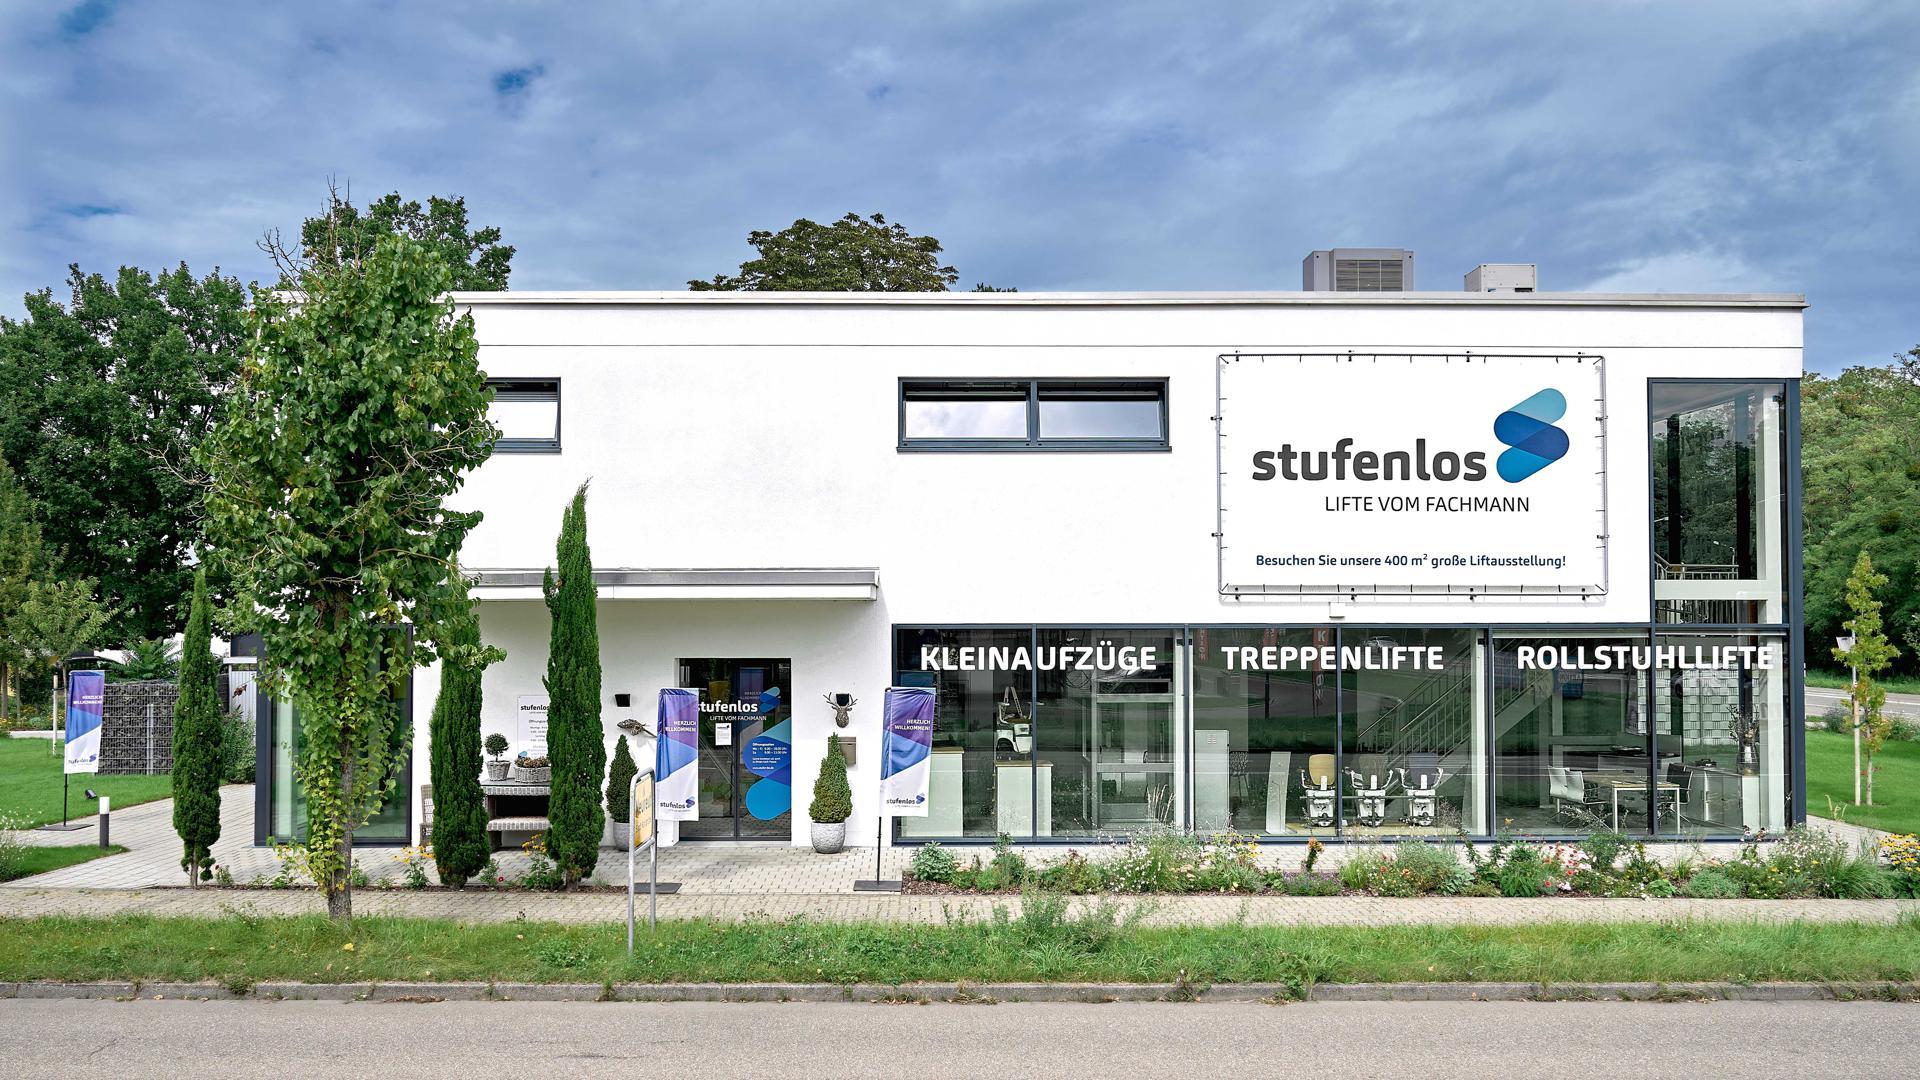 Das im Lorbeerweg 20 in Karlsruhe ansässige und 2007 gegründete Unternehmen Stufenlos baut Liftsysteme - von Hand und mit Herz.